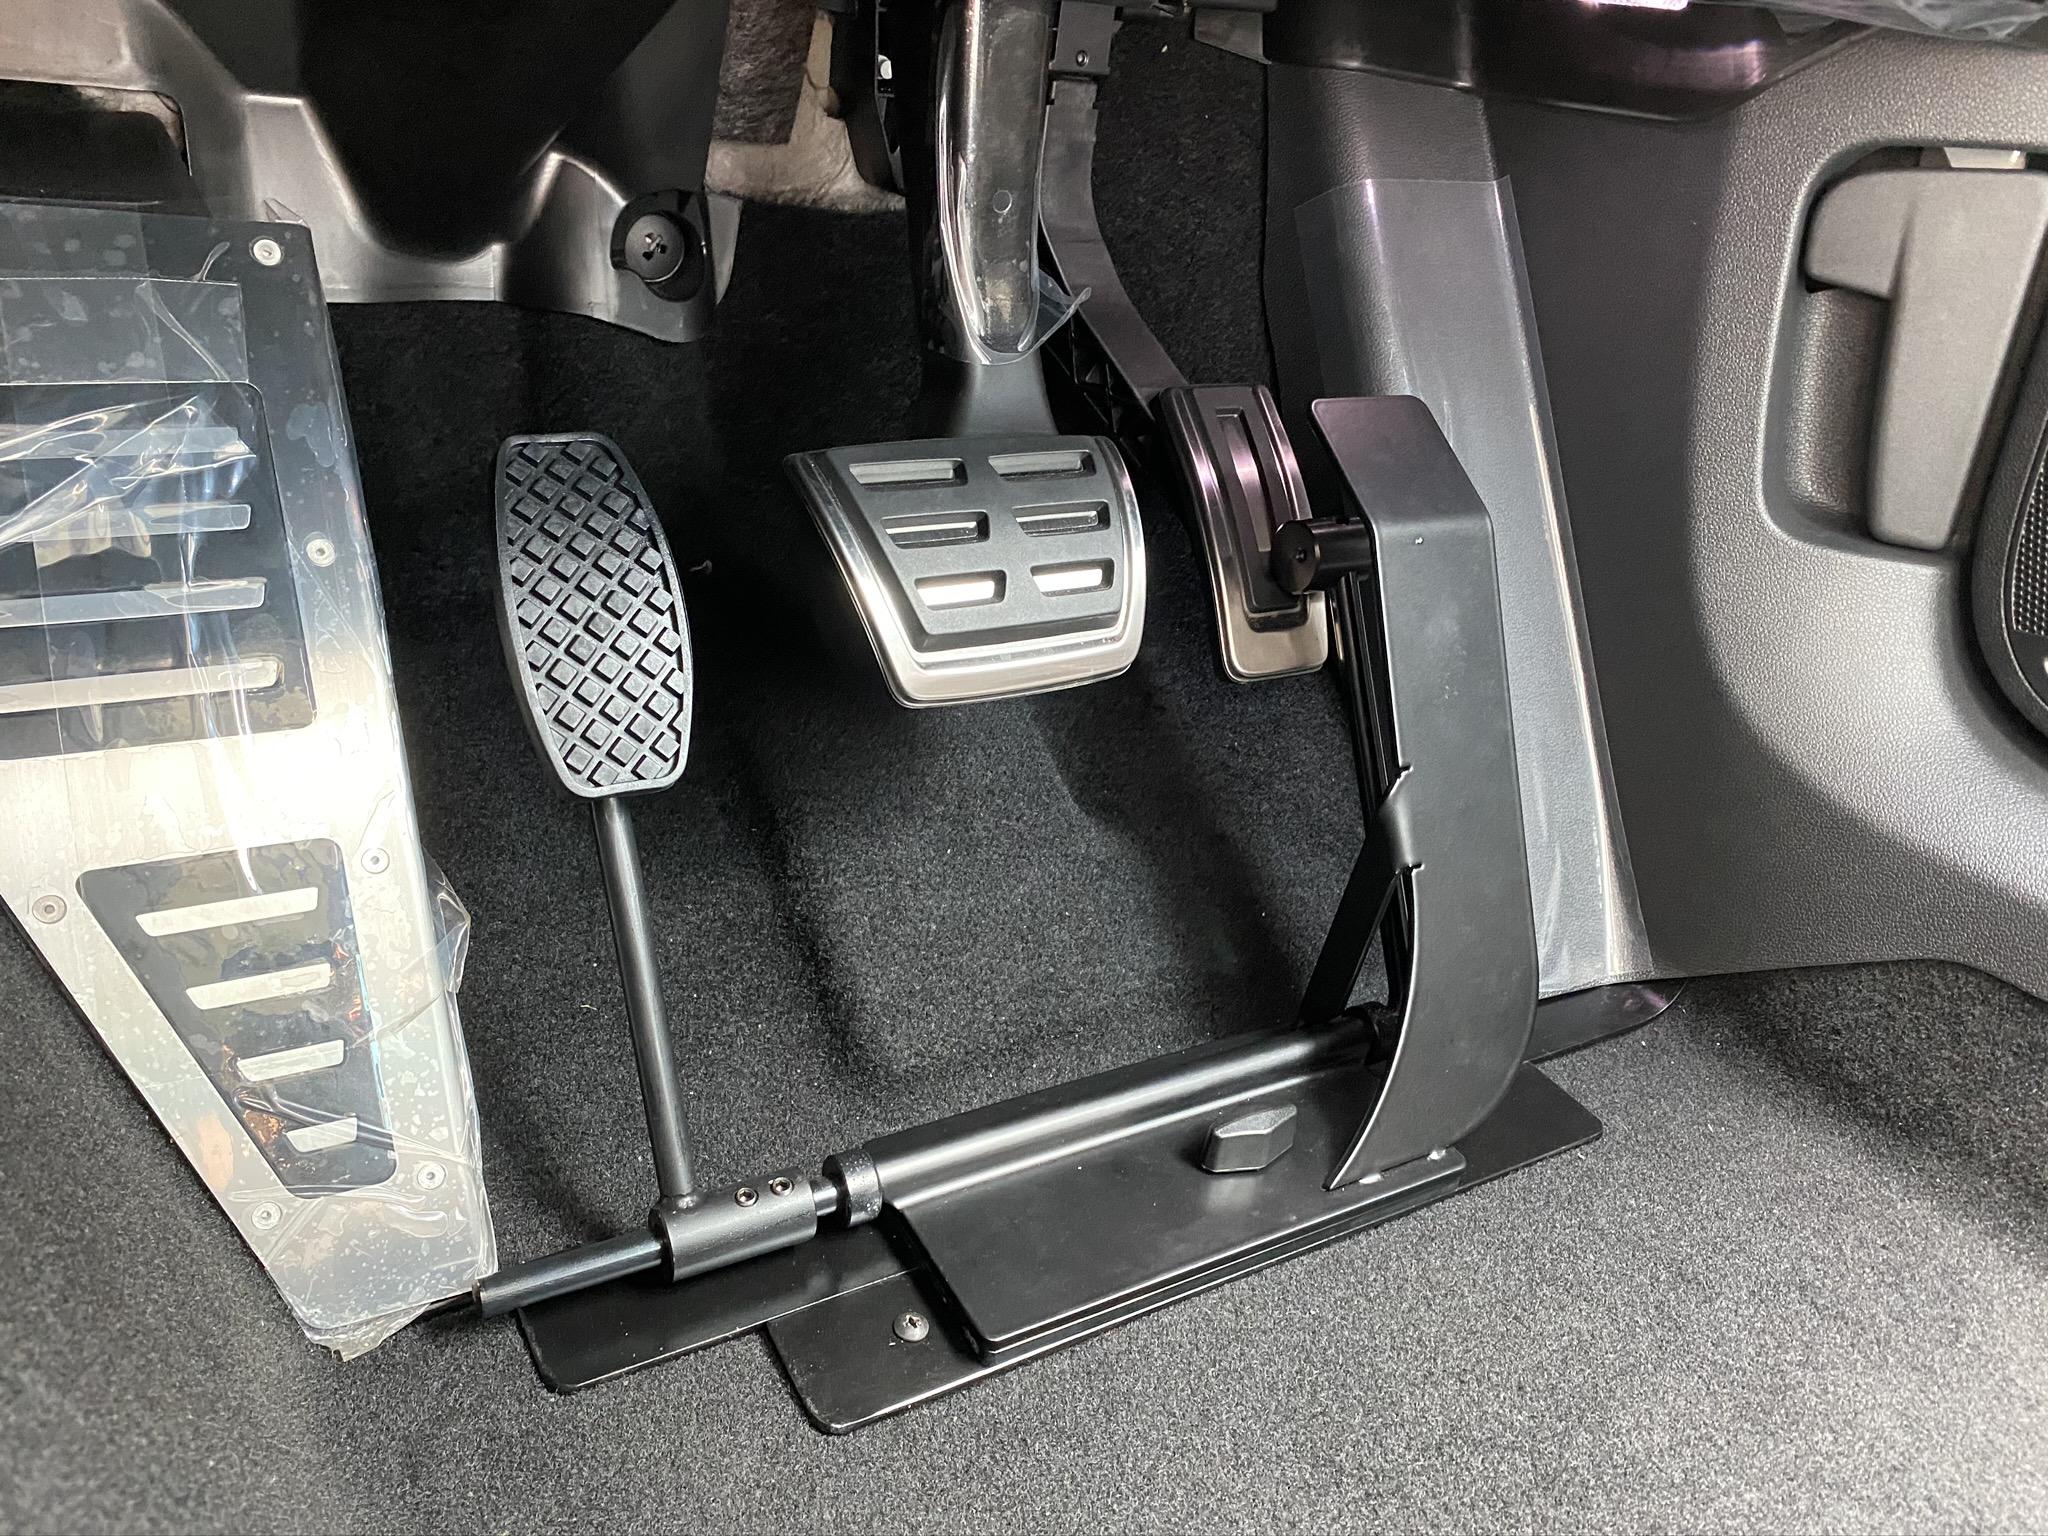 福祉車両改造 フォルクスワーゲン パサート 左足アクセル 福祉車両への改造 ⑥